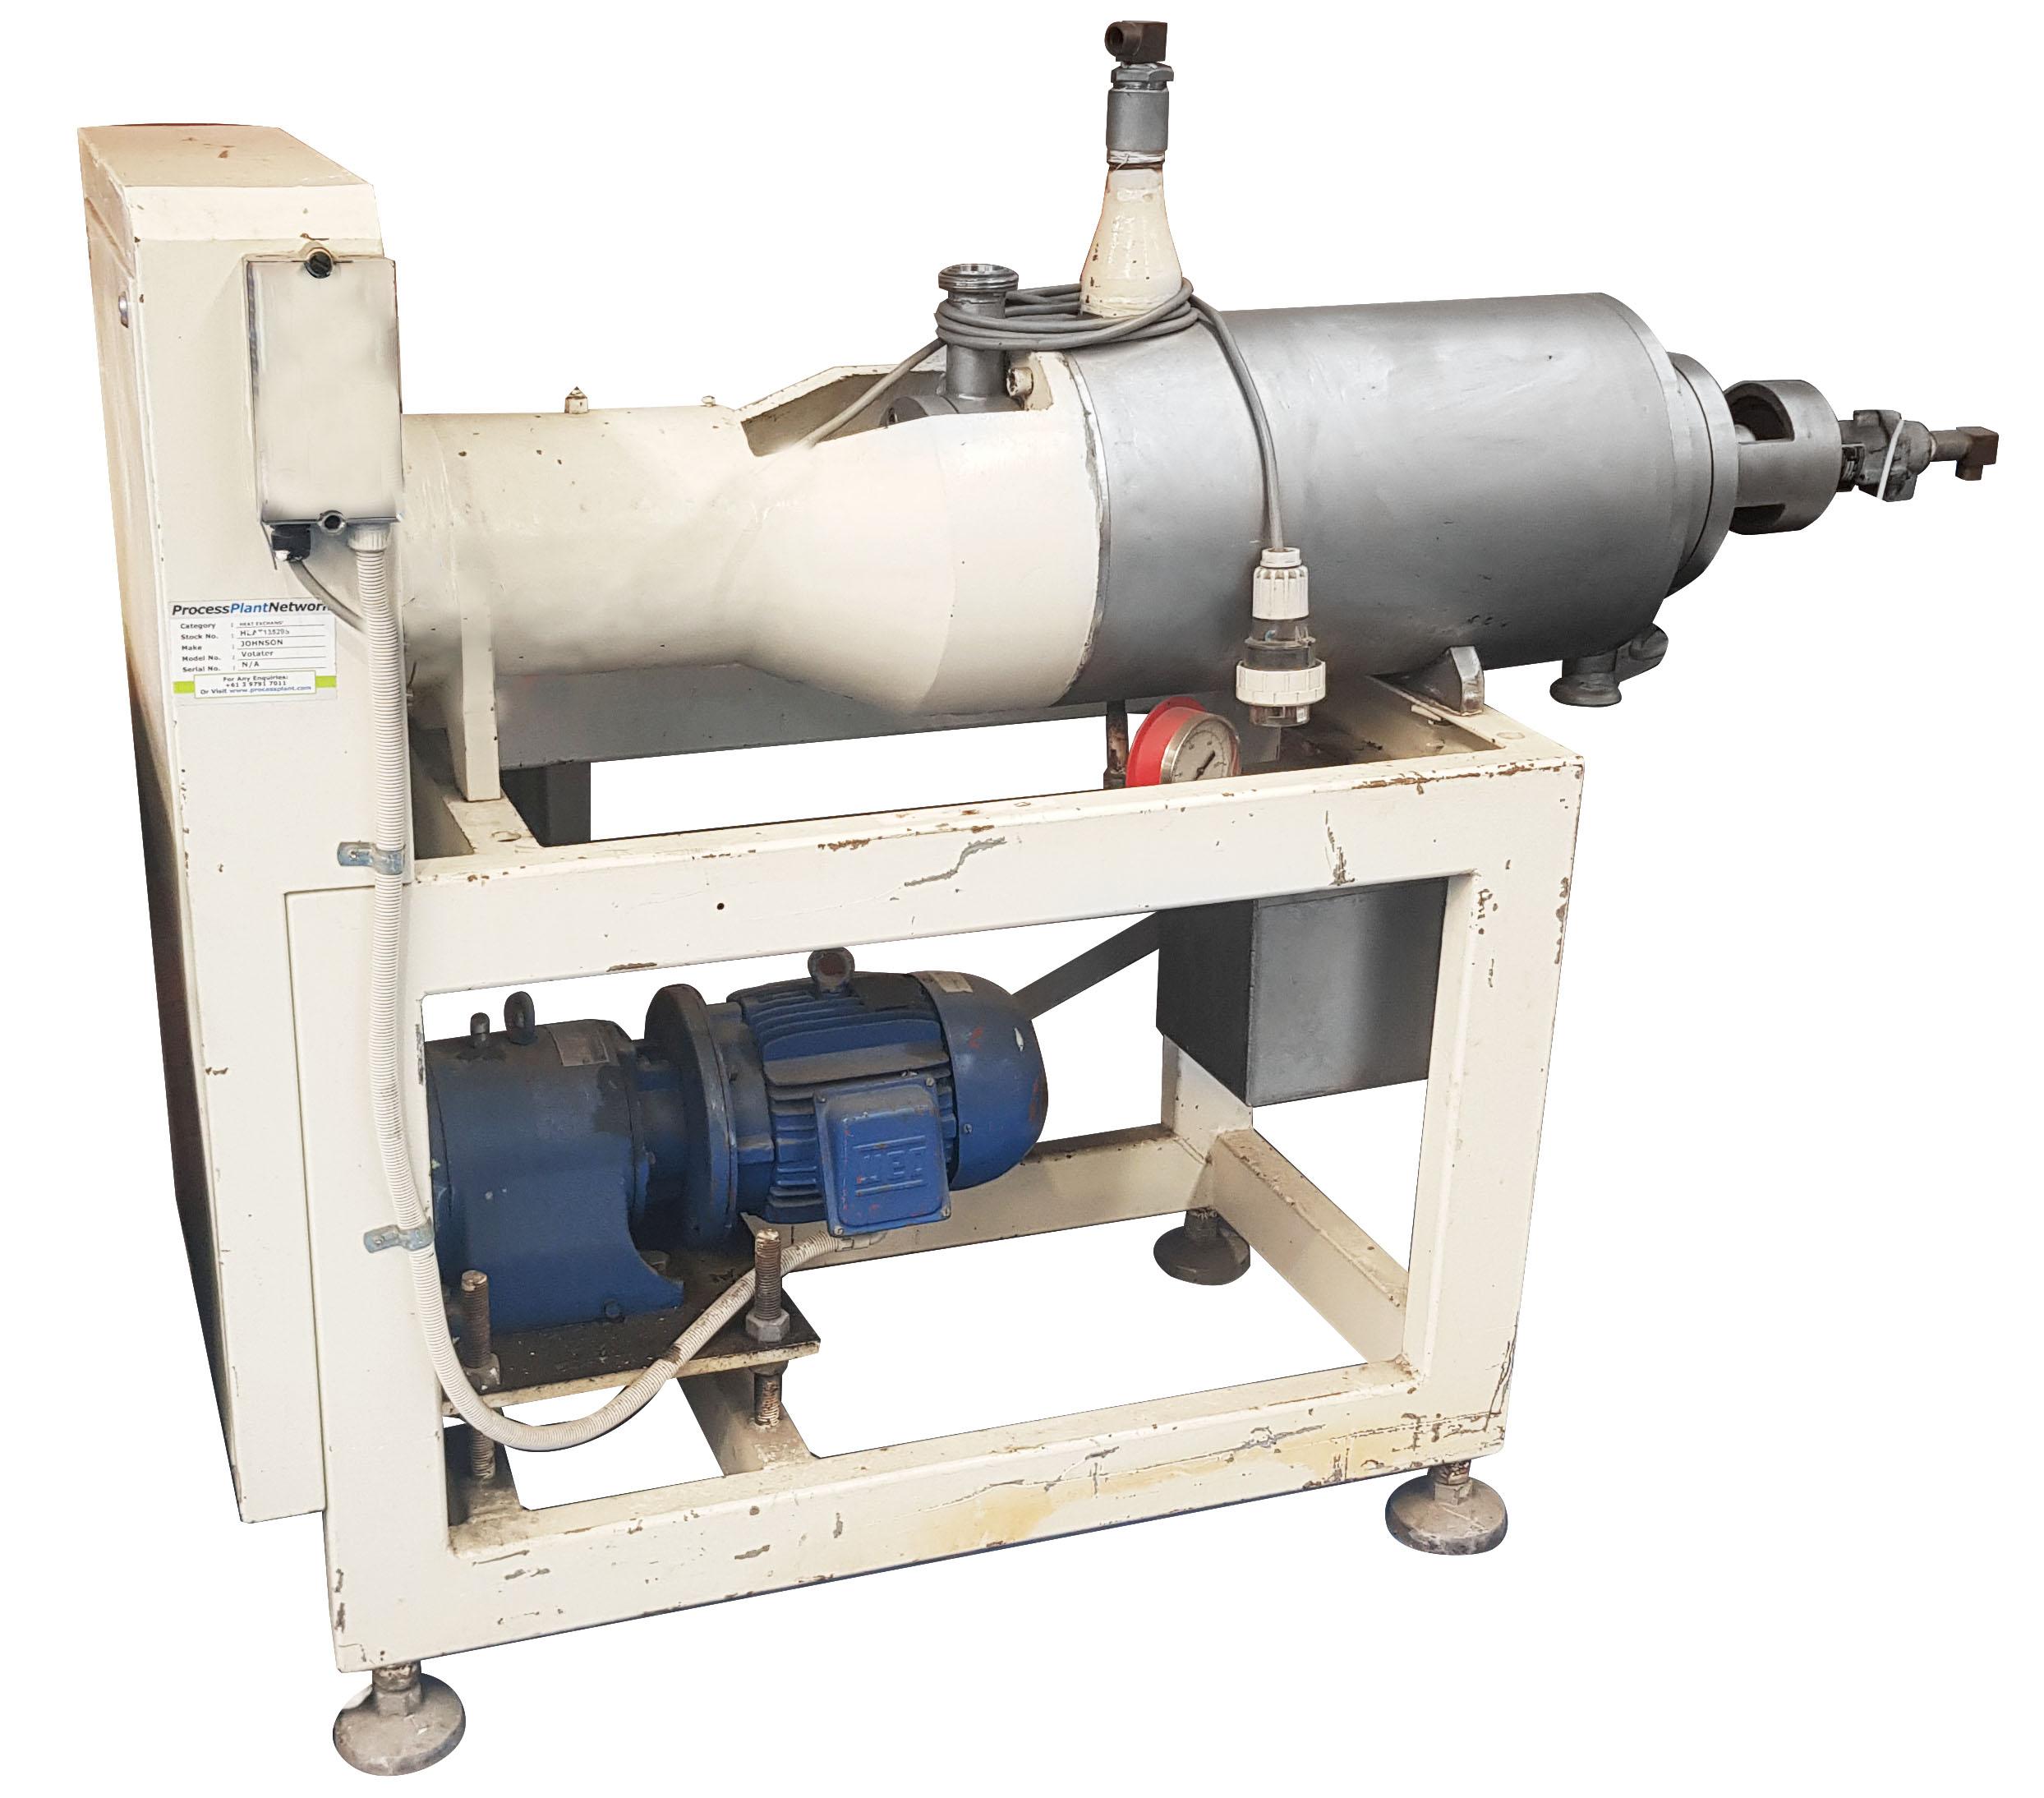 - JOHNSON Horizontal scraped surface heat exchanger